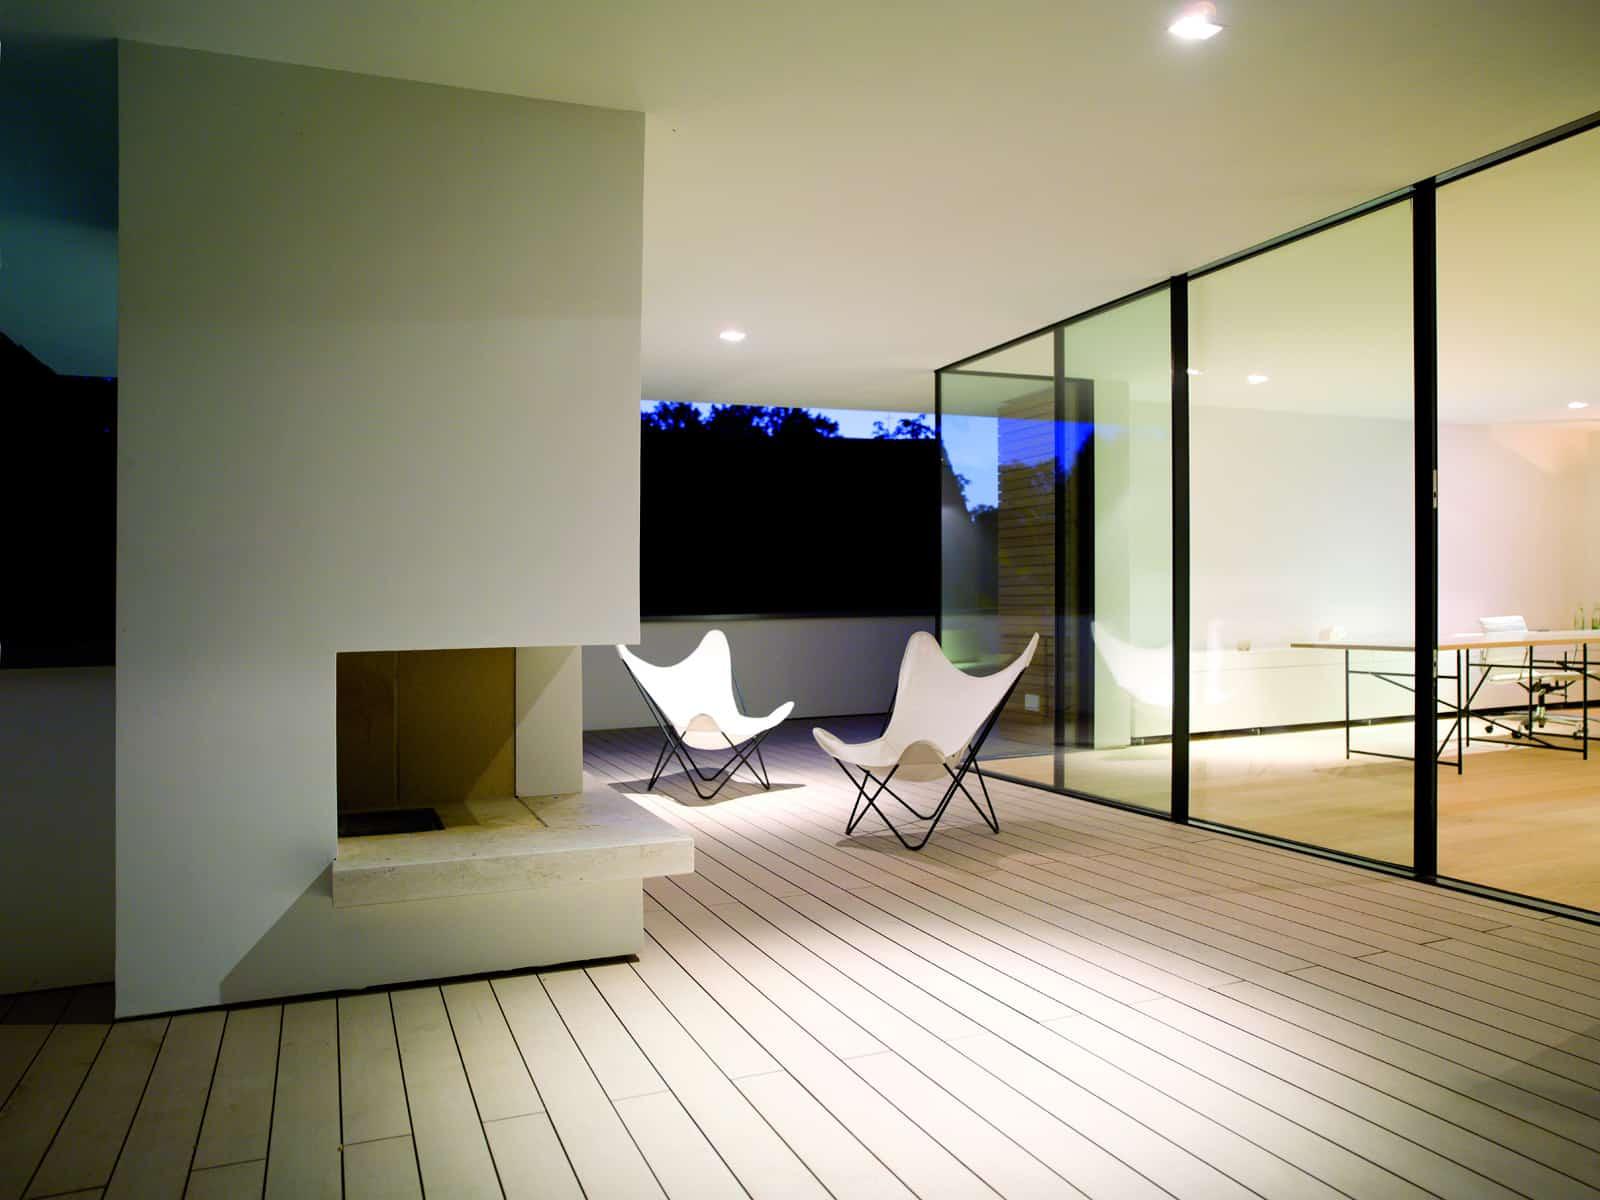 Terrasse, Bodenbelag: Locomotion